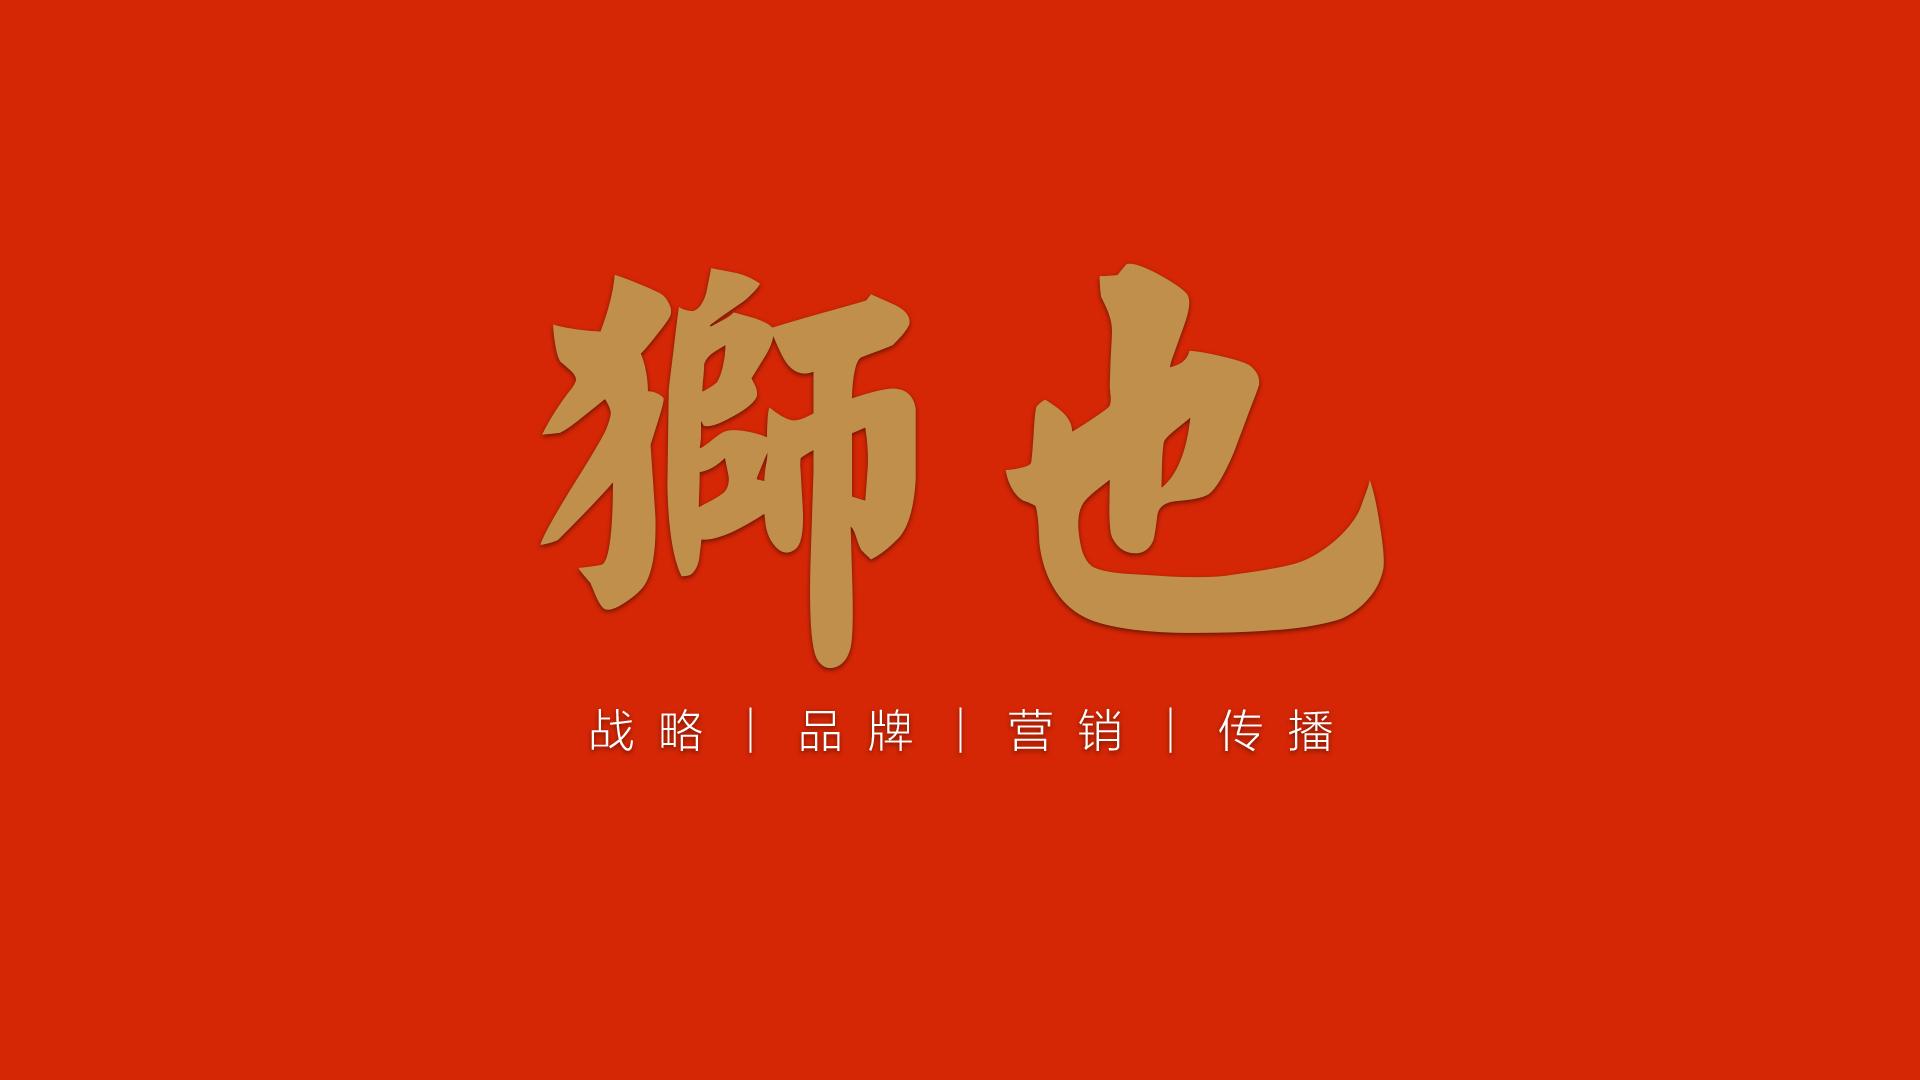 国外七个情人节经典创意营销案例—山东济南狮也战略品牌营销策划咨询顾问公司